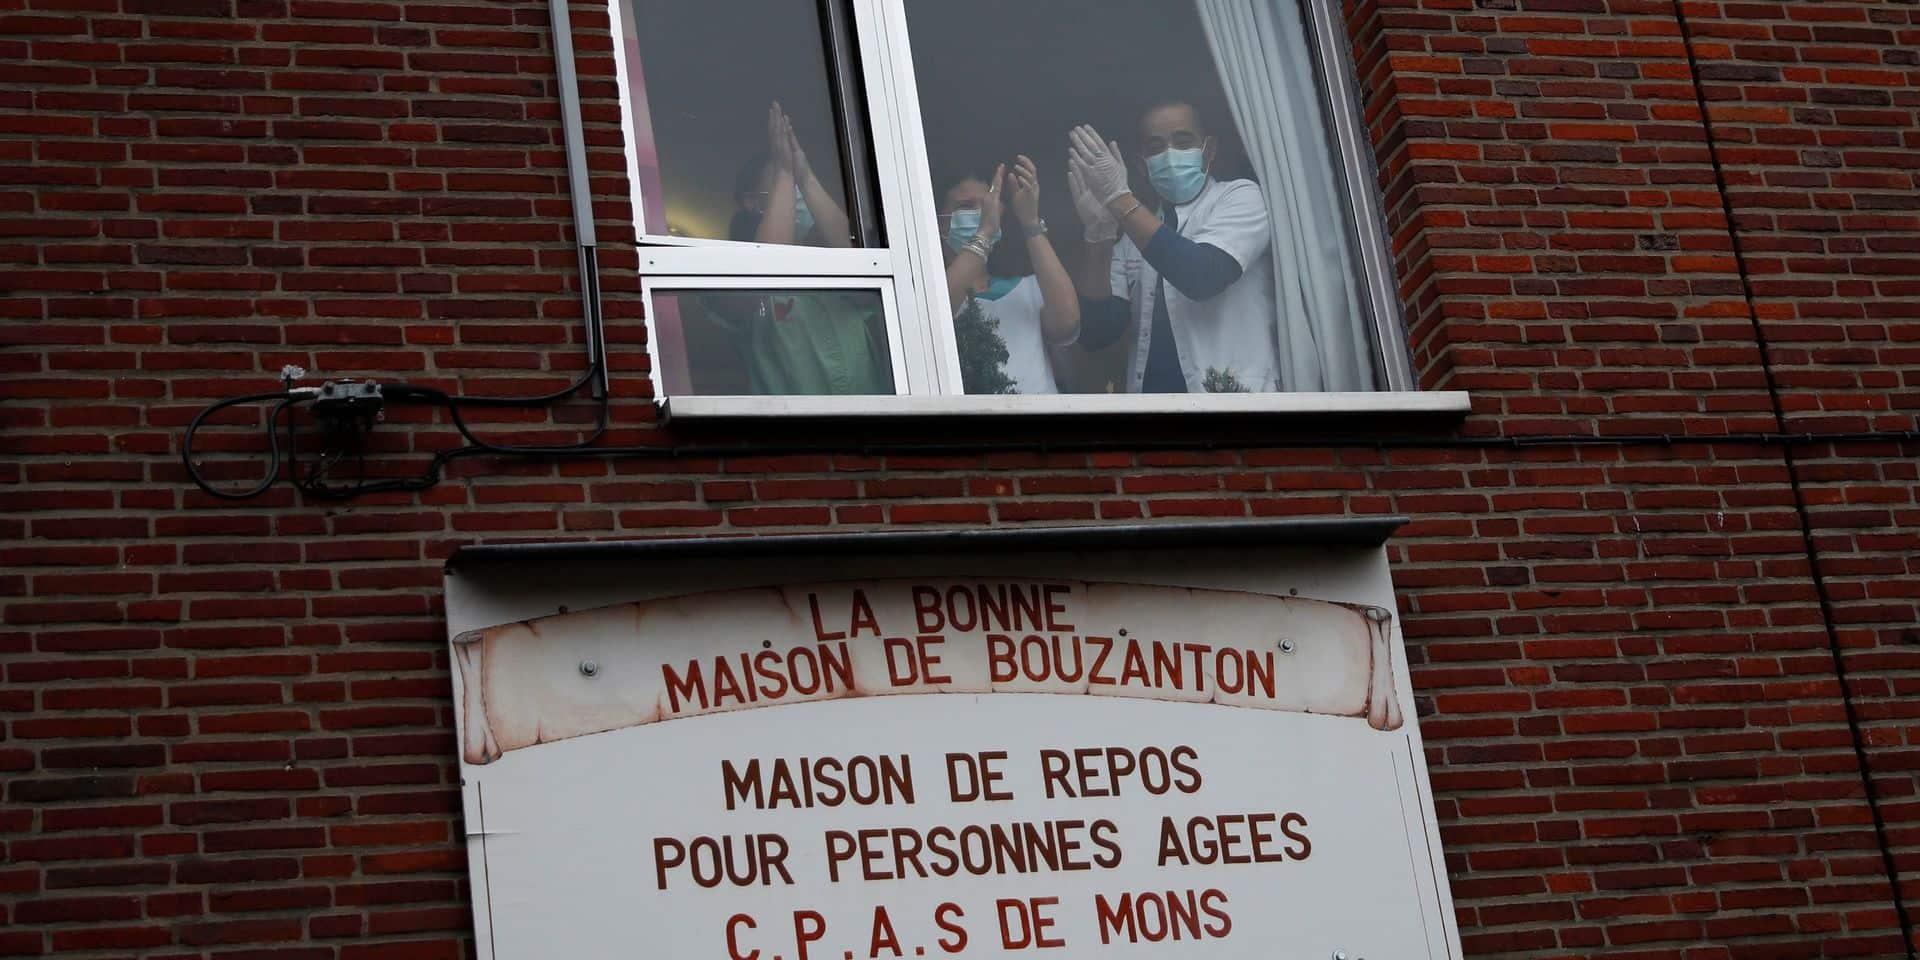 Les visites dans les maisons de repos de l'intercommunale Ambroise Paré de nouveau autorisées